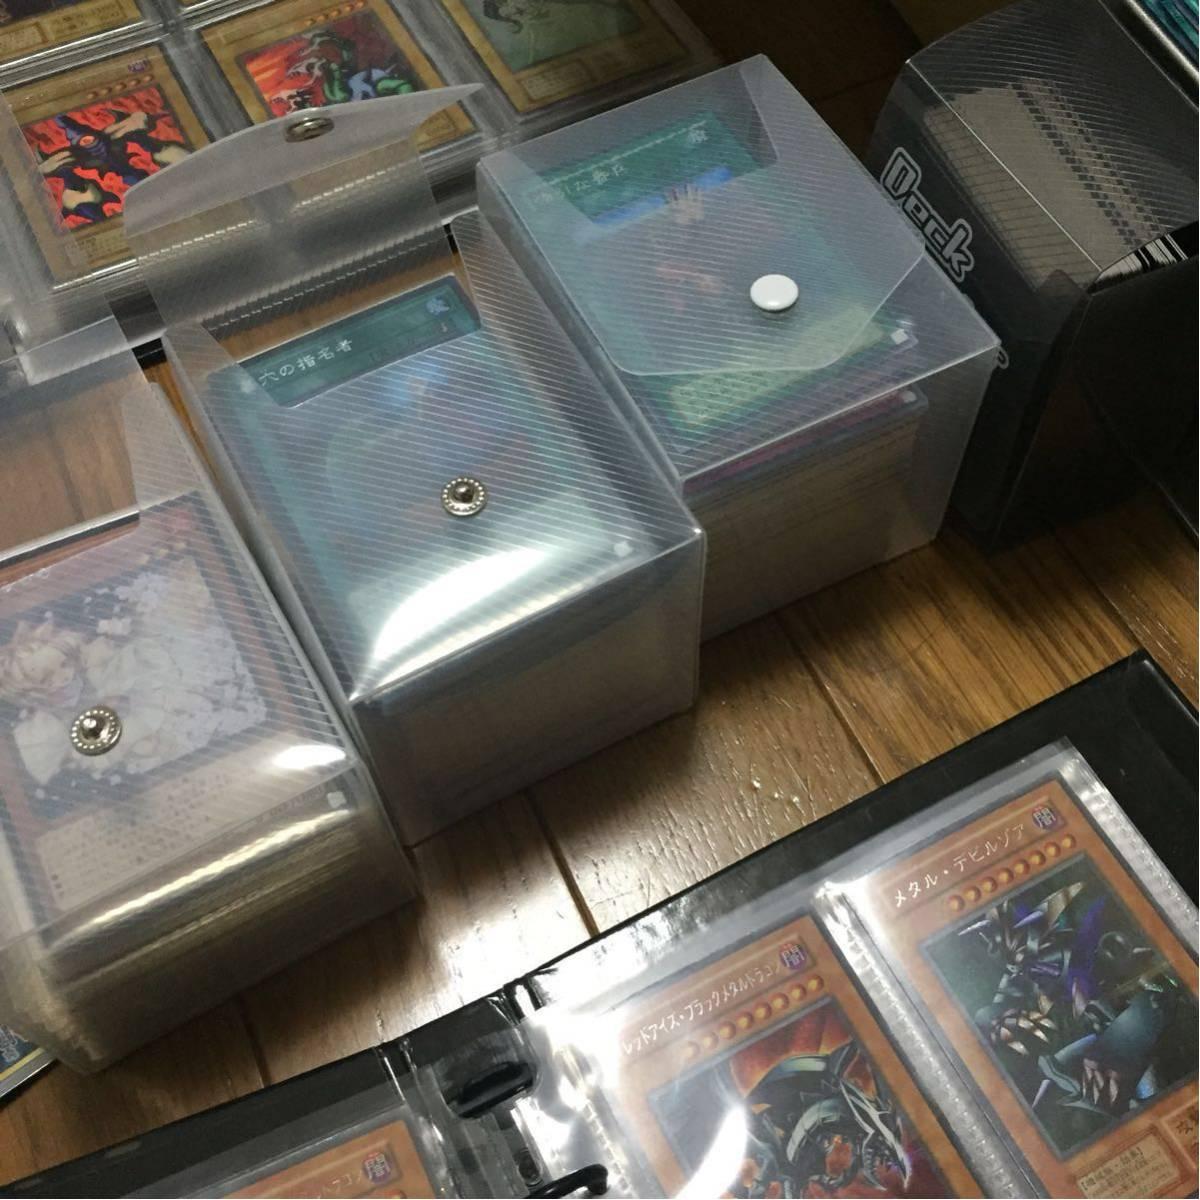 遊戯王 遊戯王カード コレクション 完全引退品 引退 初期 初期カード レア 希少 絶版 限定 まとめ売り プロモ ウルシク _画像8